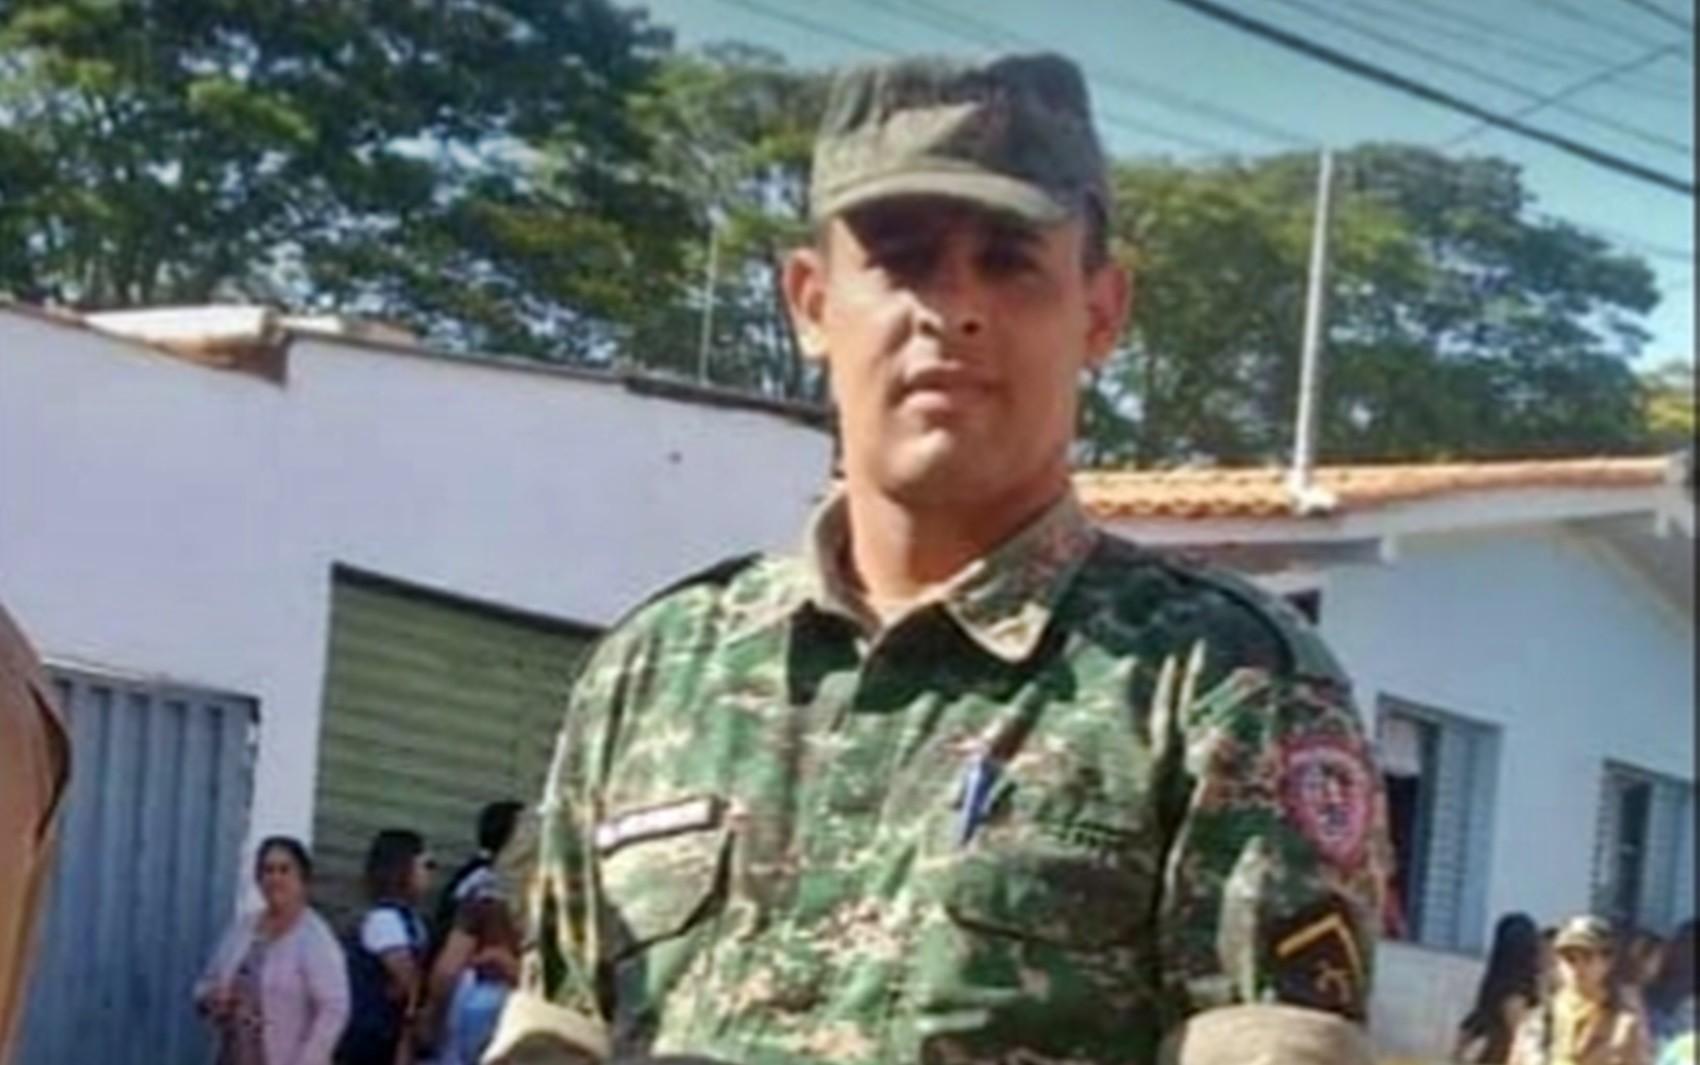 Militar morre após acidente de moto depois de fechada de caminhão no trevo de Alterosa, MG